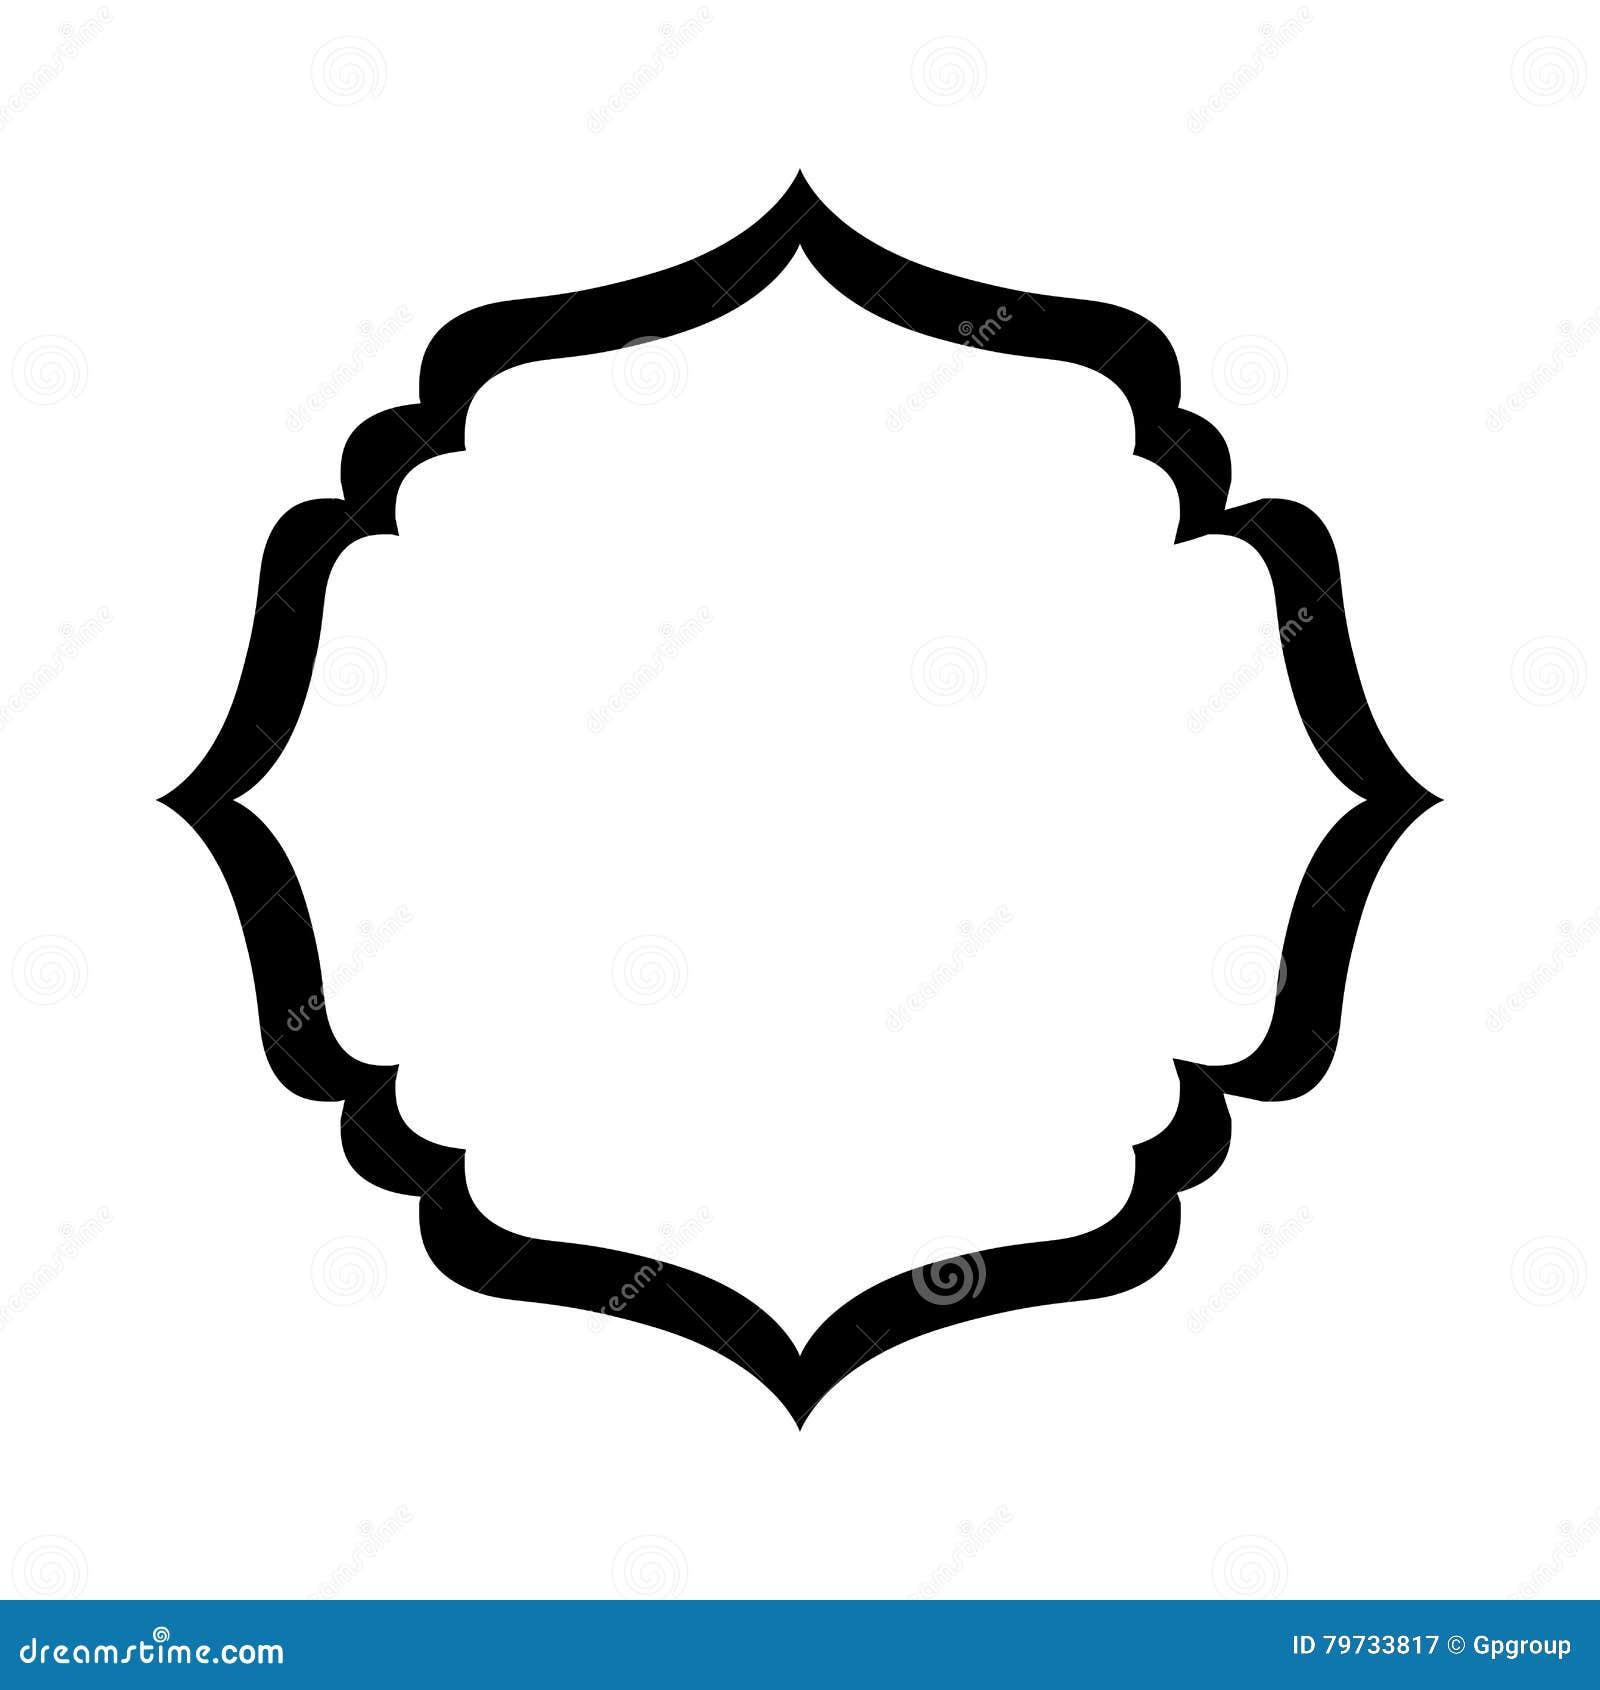 Marco decorativo heráldico de la silueta negra